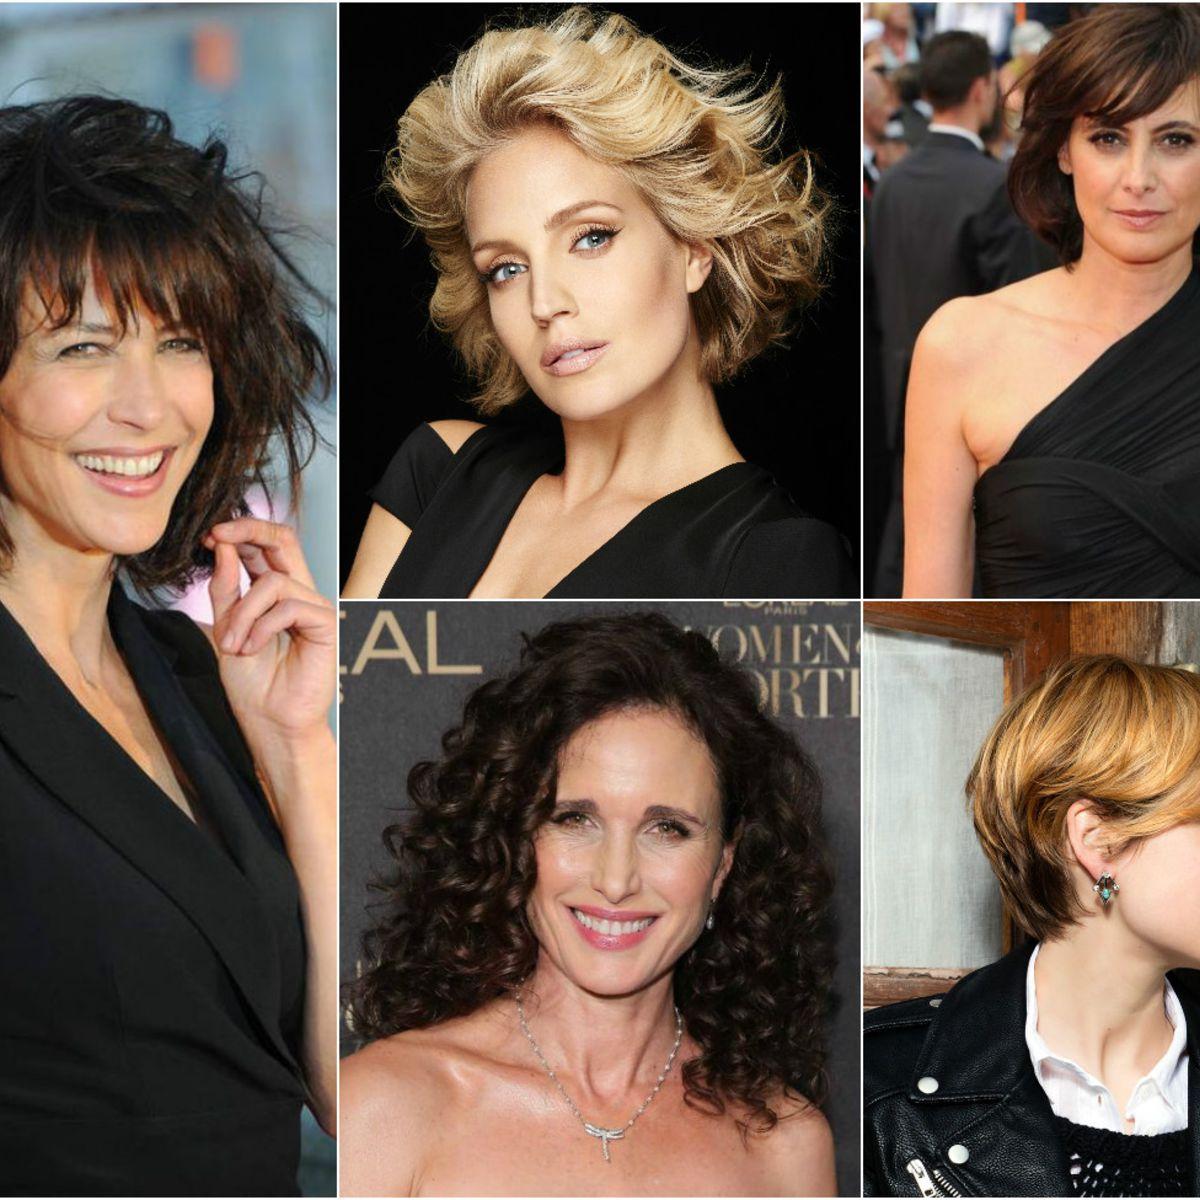 +20 top photos de coupe de cheveux femme 50 ans - LiloBijoux - Bijoux Fantasie tendances ...